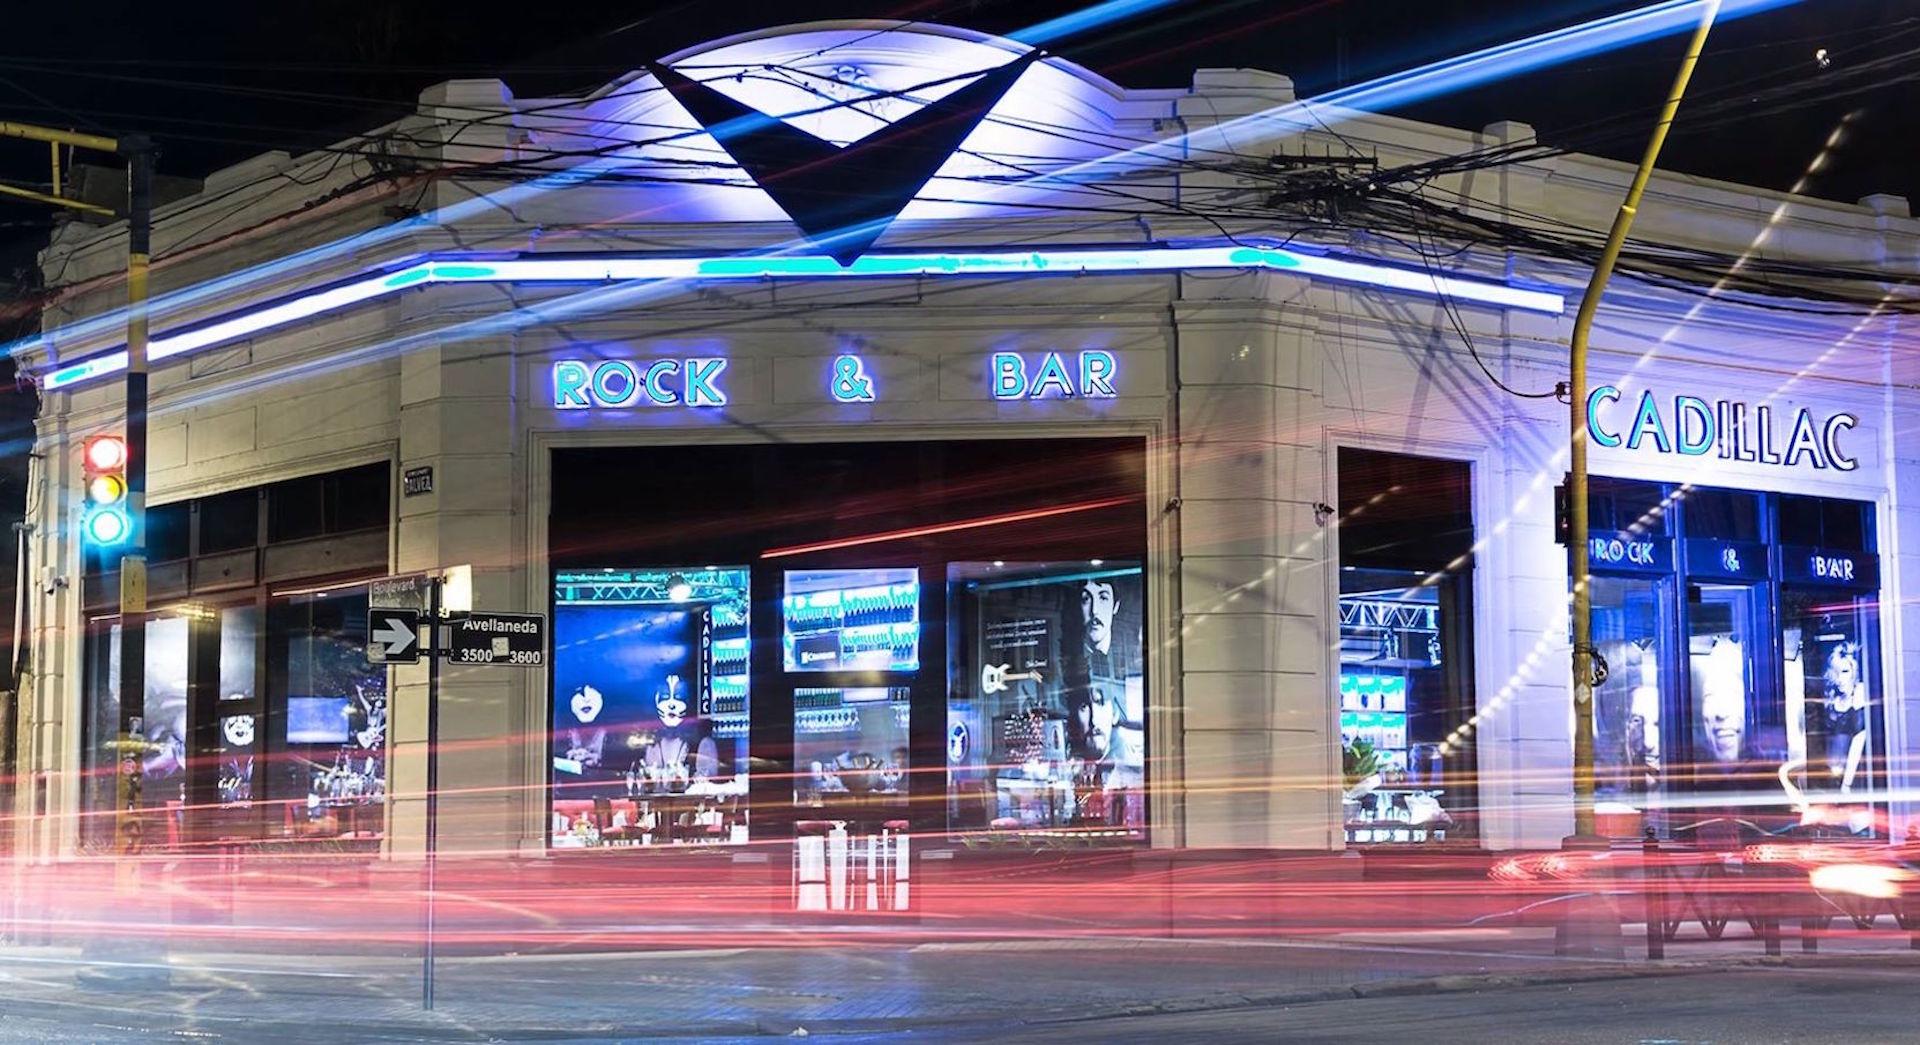 cadillac-rock-bar-abre-un-nuevo-bar-tematico-en-la-ciudad-de-santa-fe